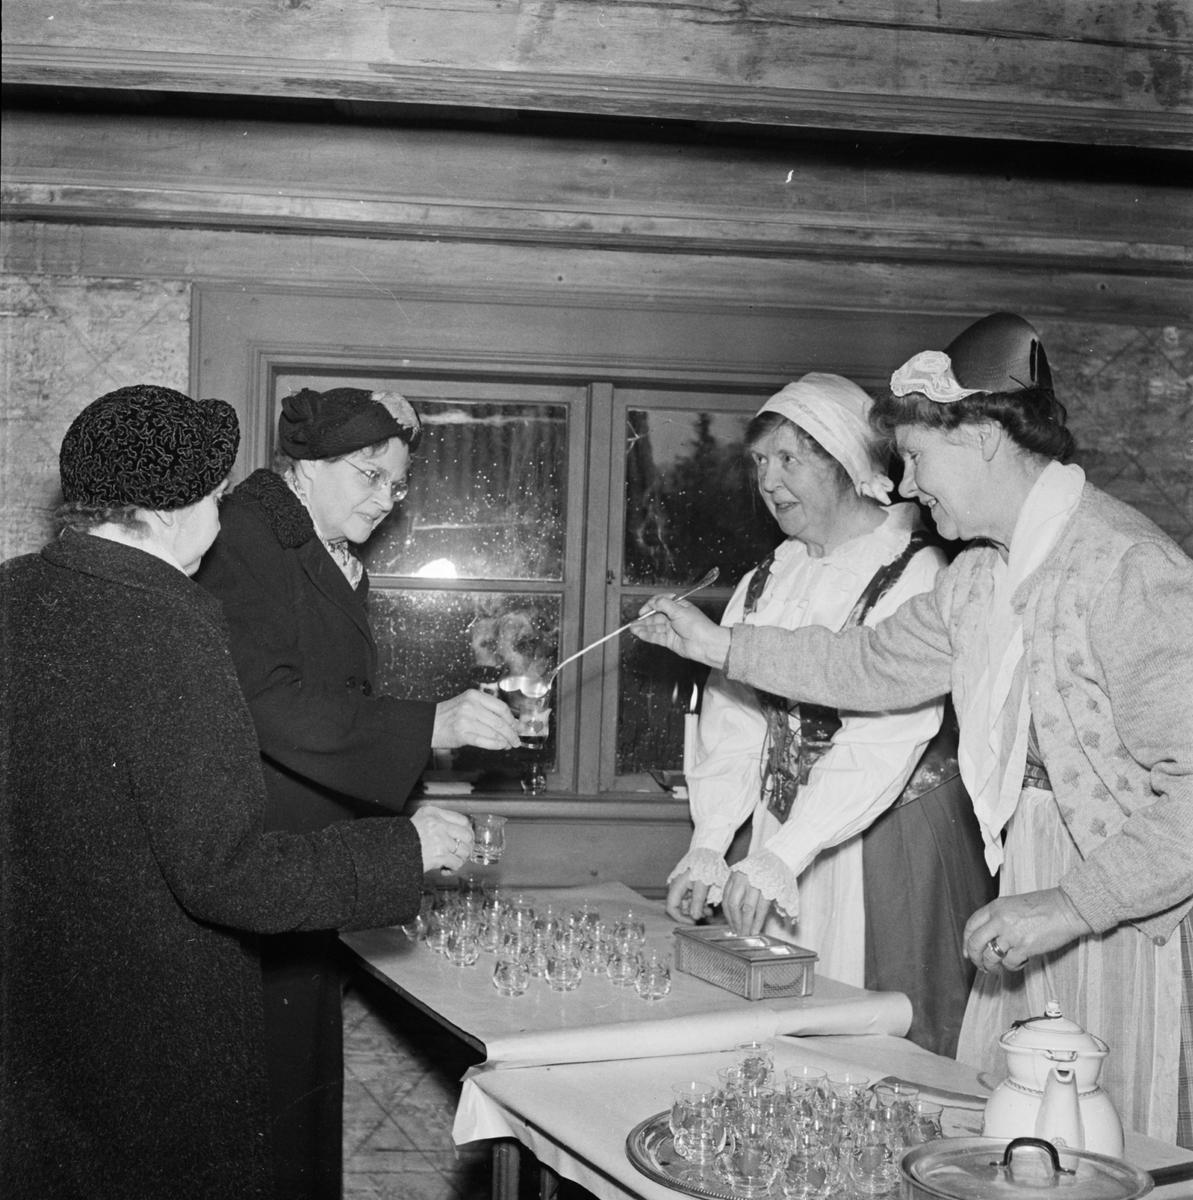 Försäljning av glögg på Disagården, Gamla Uppsala 1954